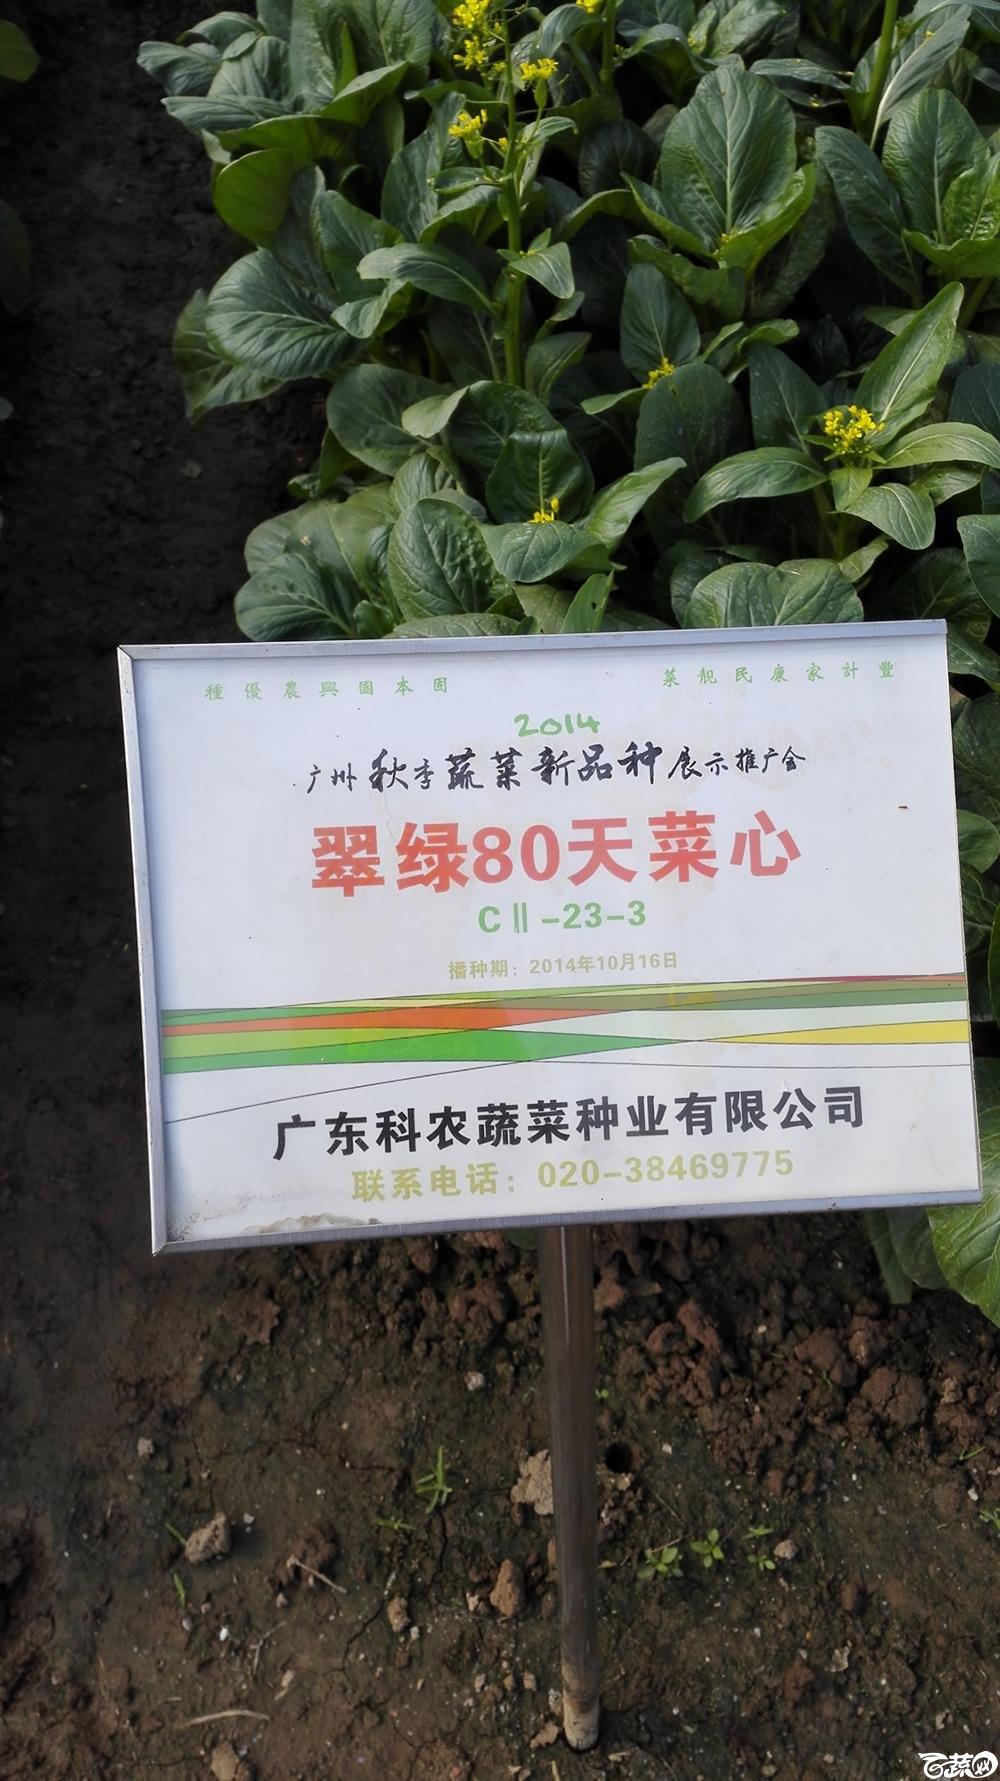 2014年12月10号广州市农科院南沙秋季蔬菜新品种展示会_叶菜_198.jpg